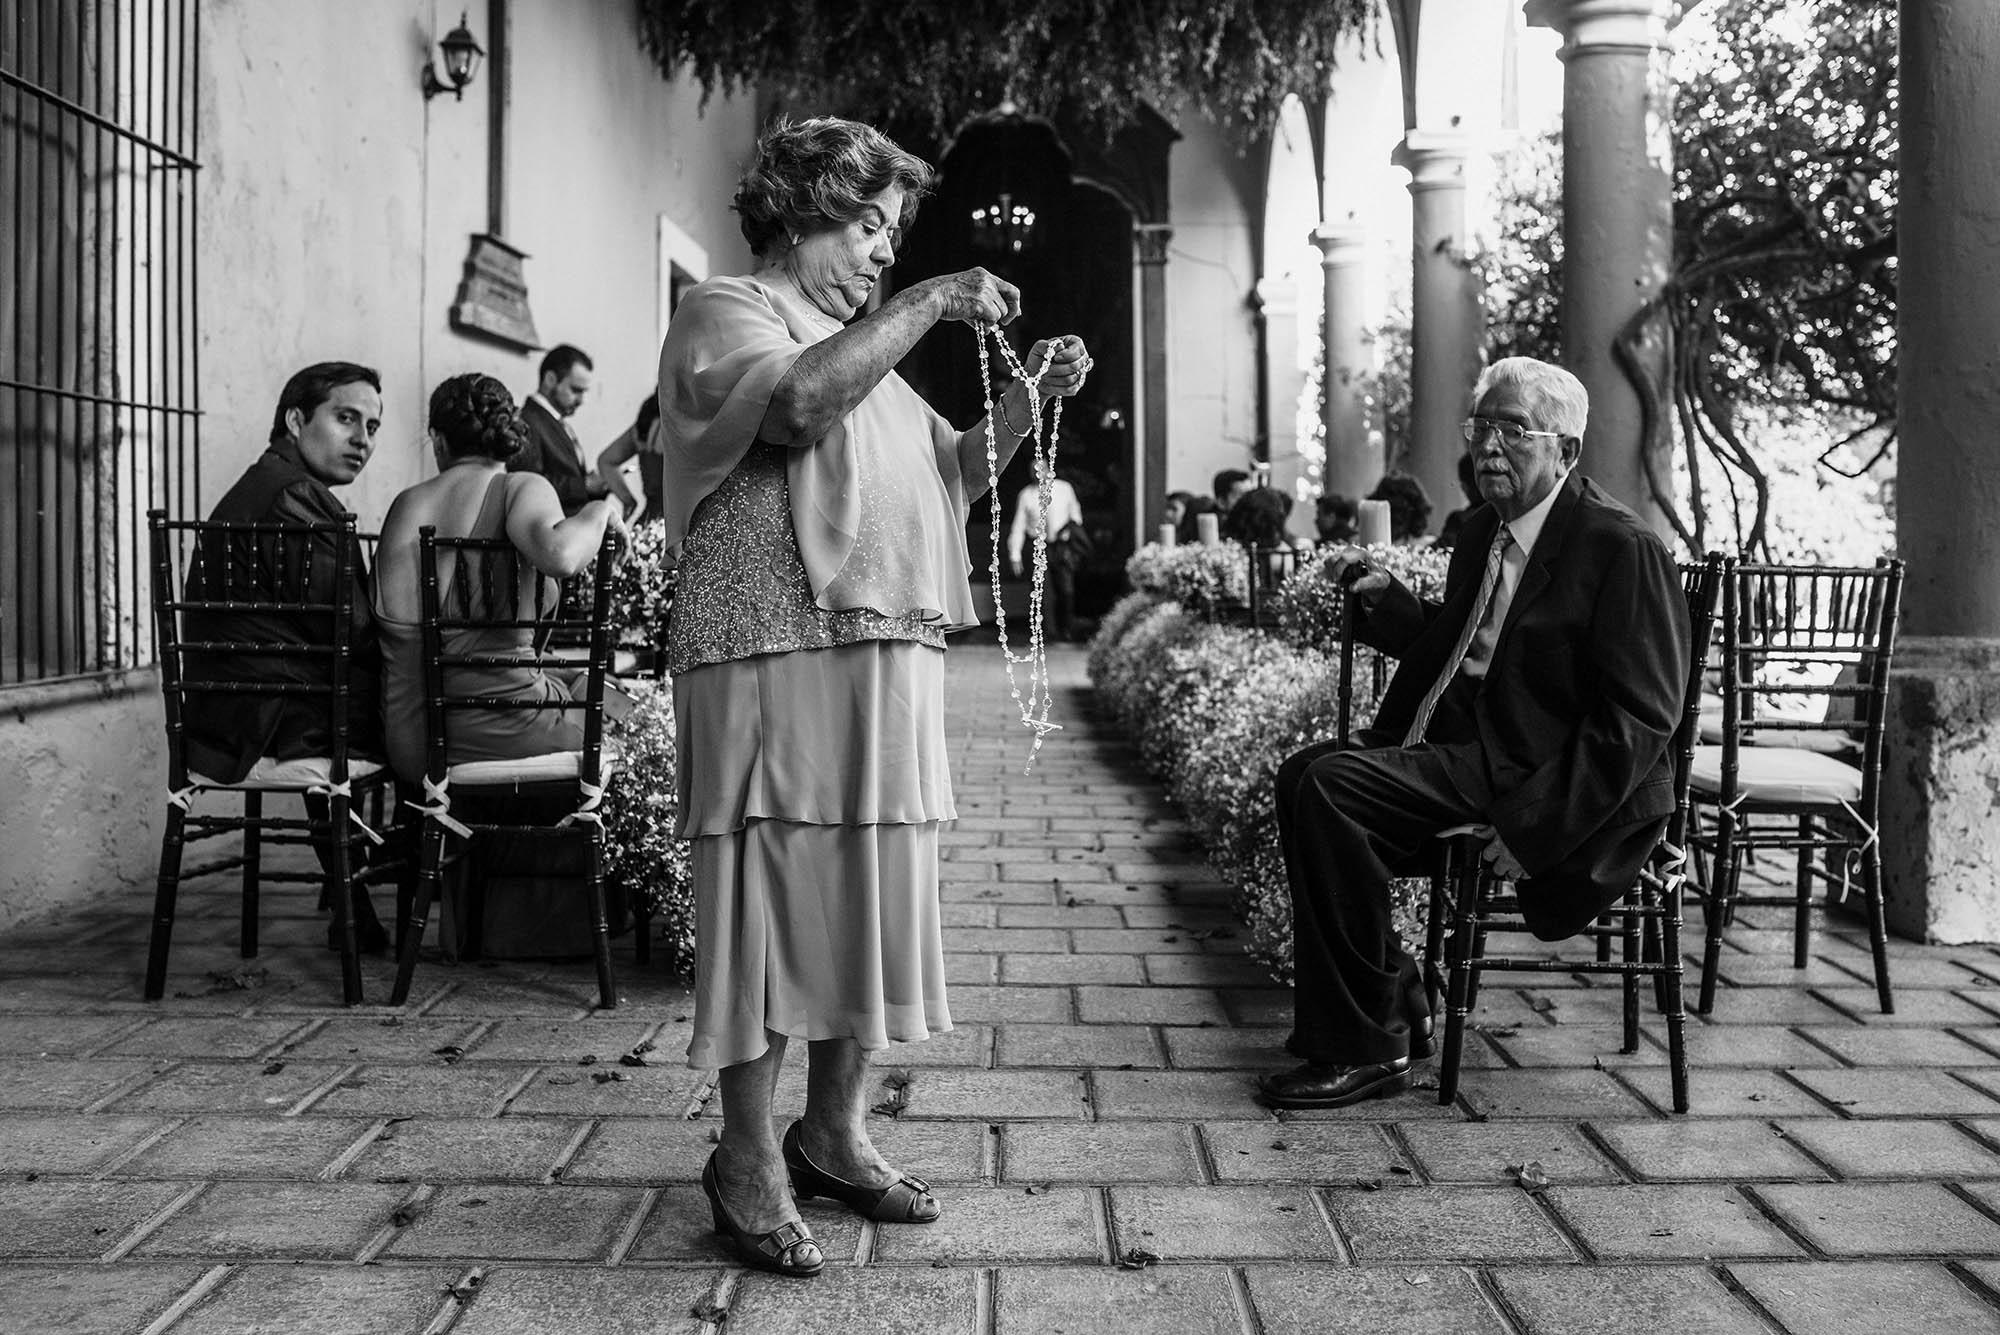 fotografo_de_bodas_guadalajara_hacienda_santa_lucia_10.jpg